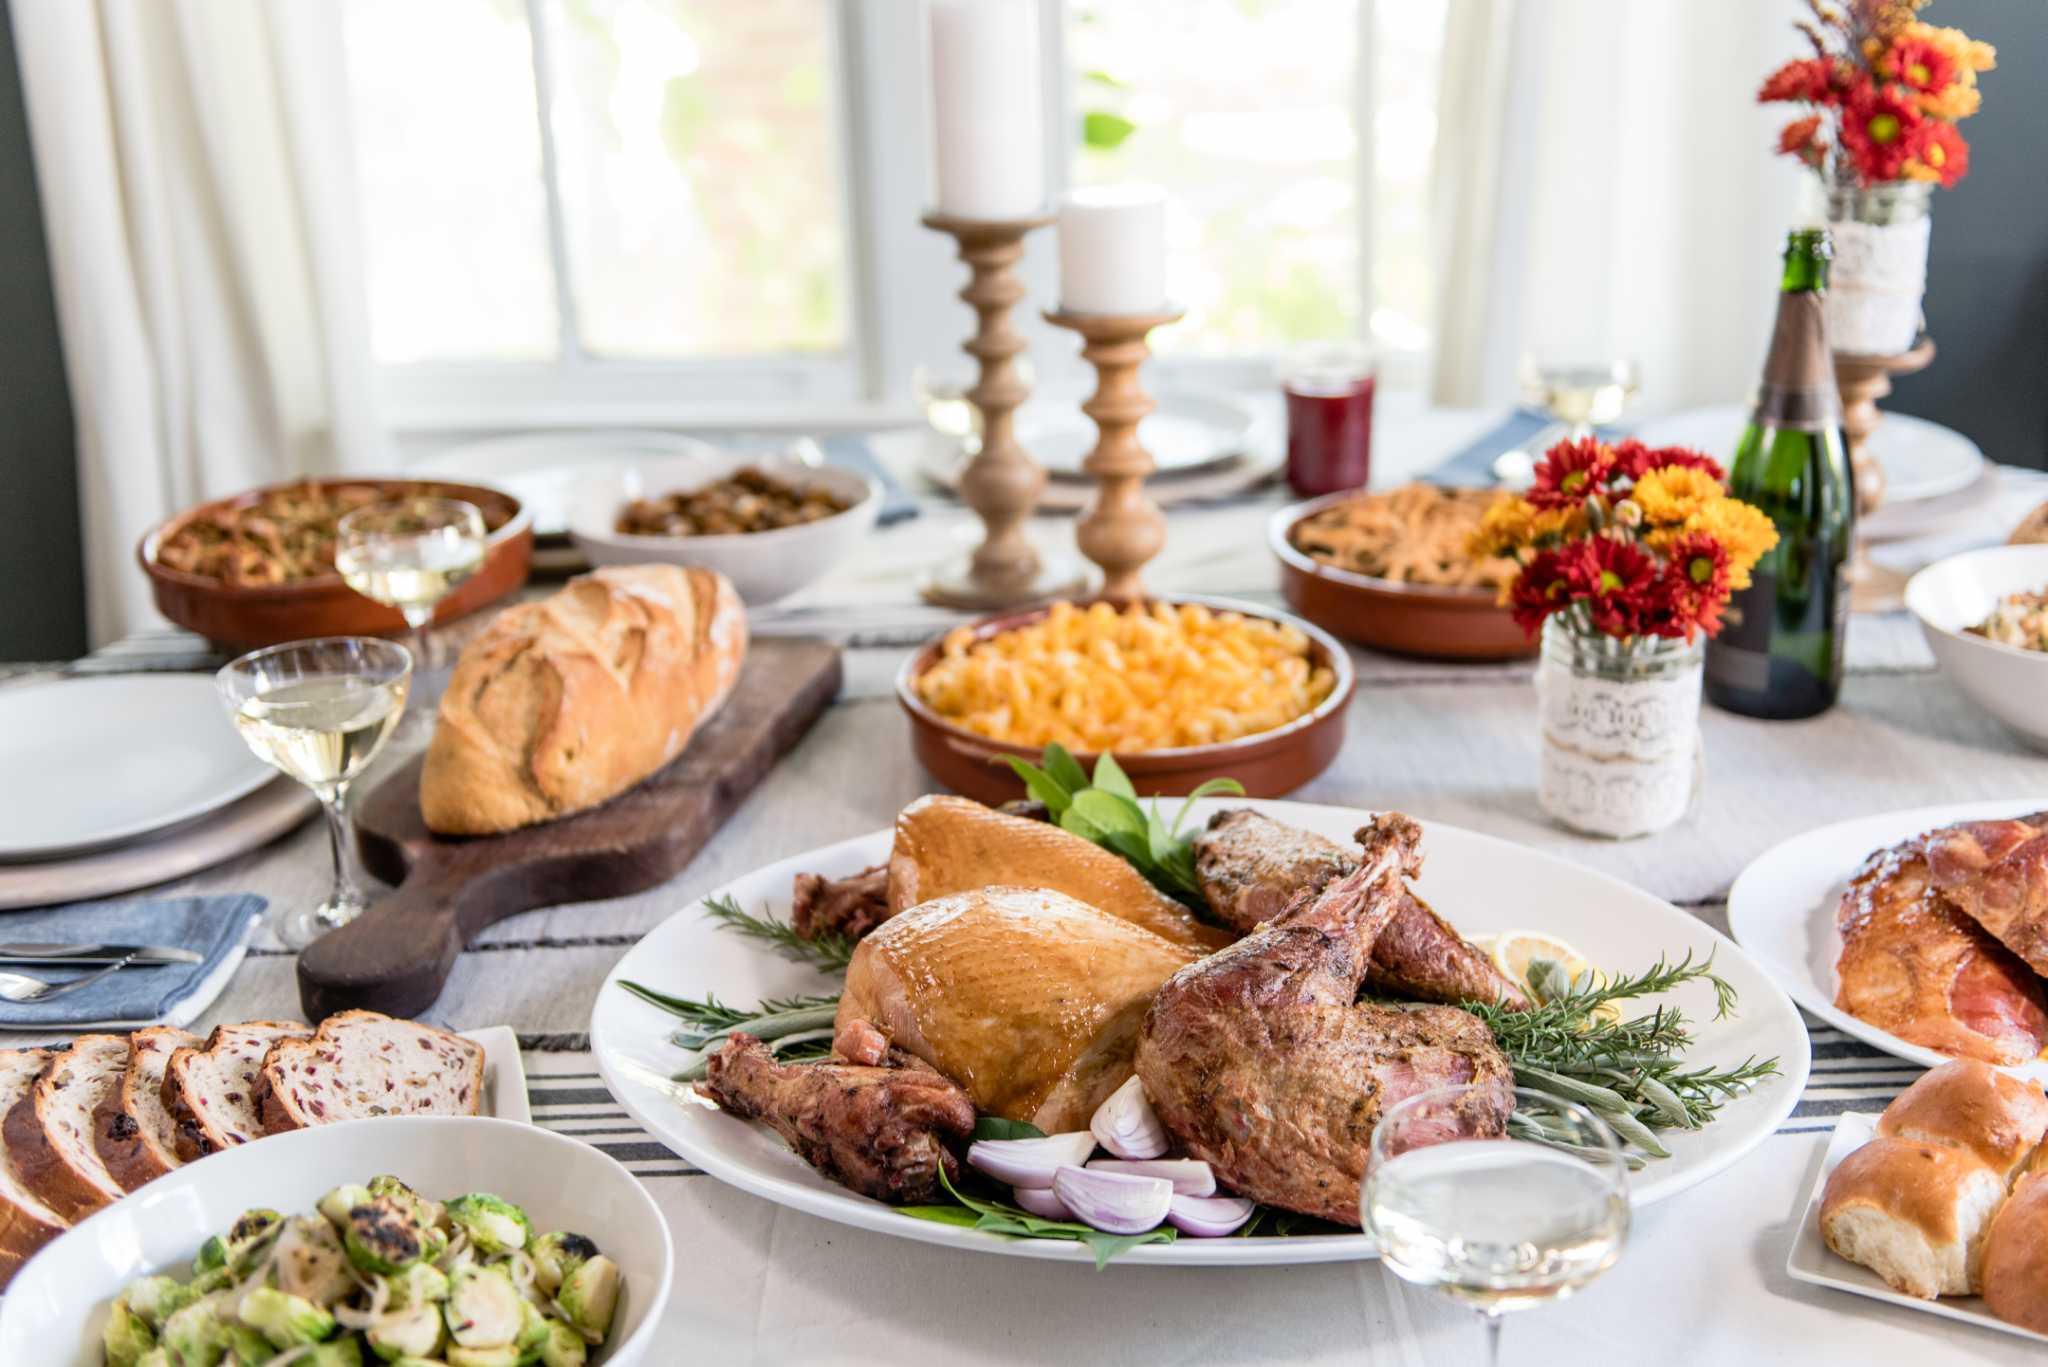 Restaurant Thanksgiving Dinner  Don t feel like cooking Order Thanksgiving dinner from